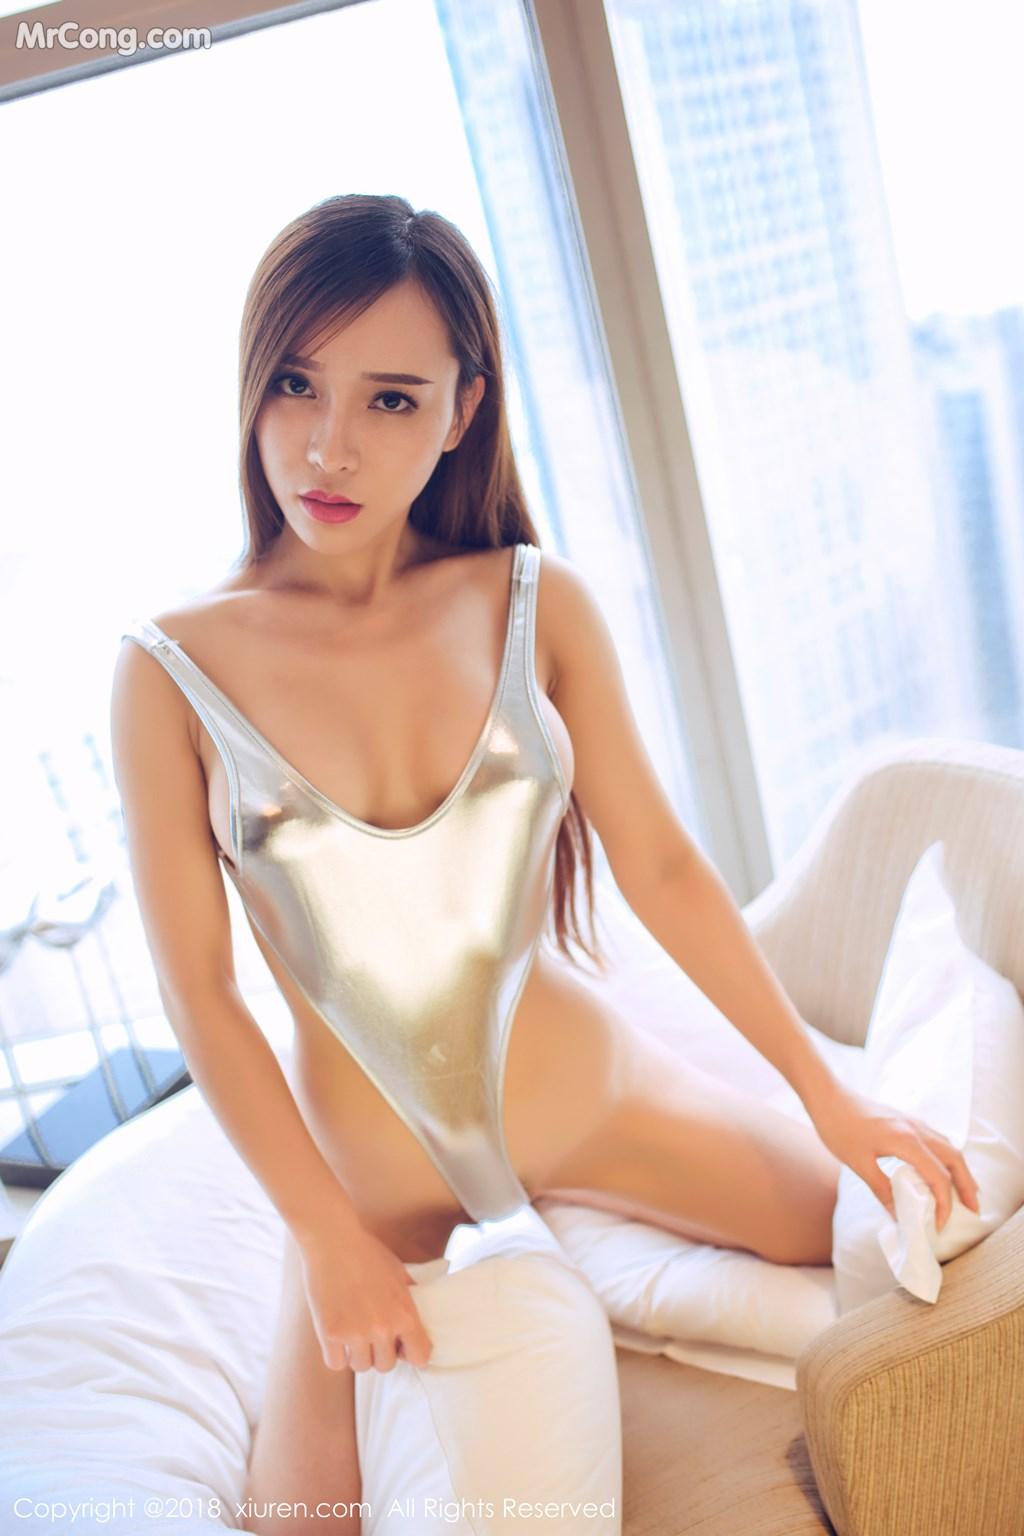 Image XIUREN-No.946-Ai-Xiao-Qing-MrCong.com-037 in post XIUREN No.946: Người mẫu Ai Xiao Qing (艾小青) (46 ảnh)